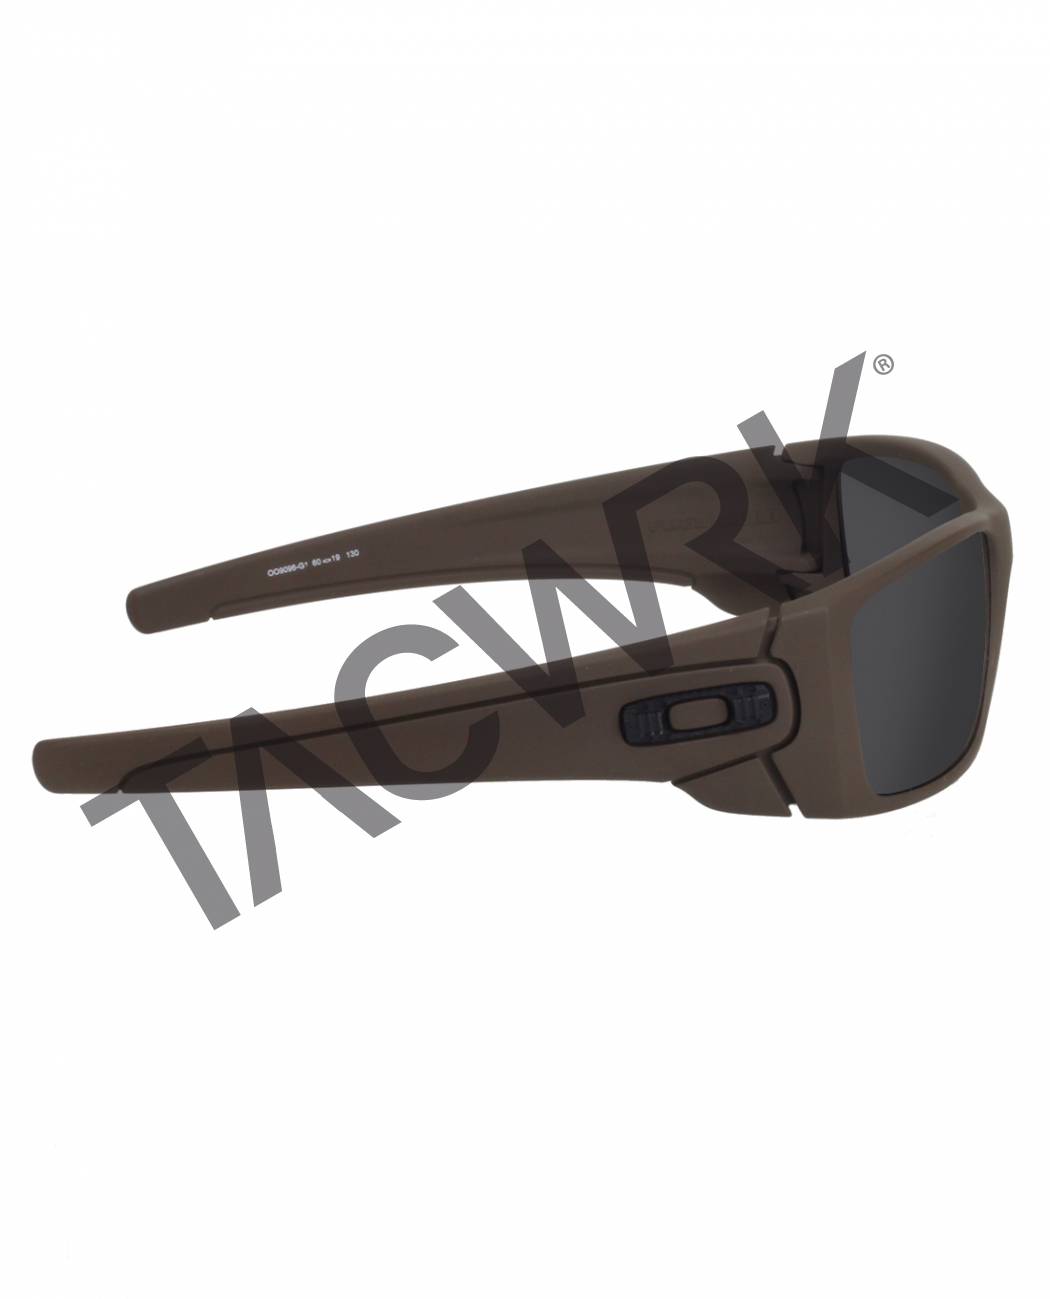 28a27e01a3 Oakley SI Fuel Cell Daniel Defense Mil Spec Black Iridium - TACWRK